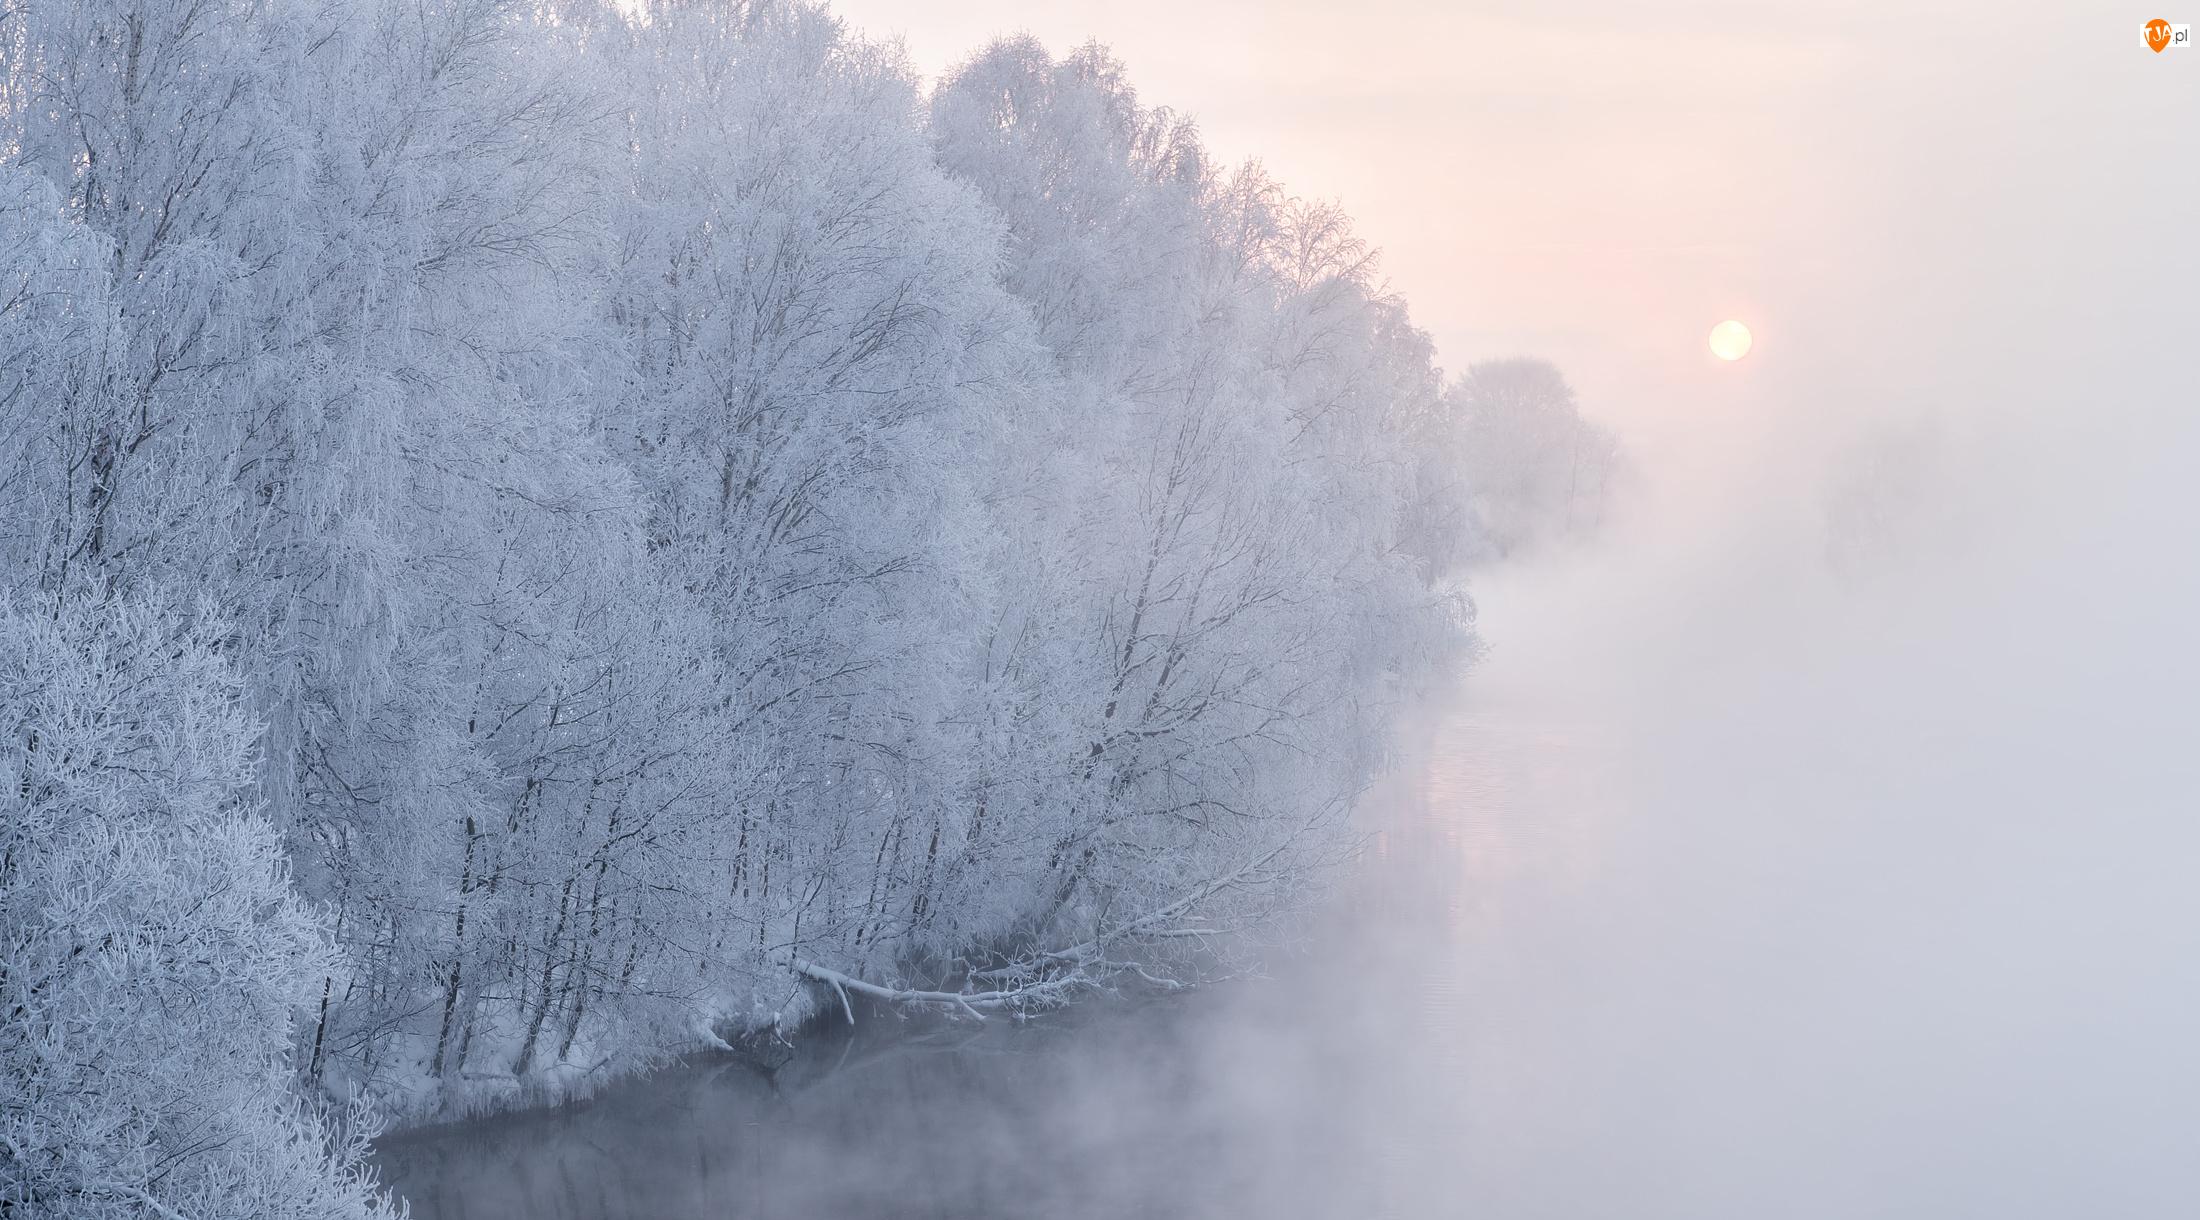 Rzeka, Zima, Szron, Mgła, Drzewa, Wschód słońca